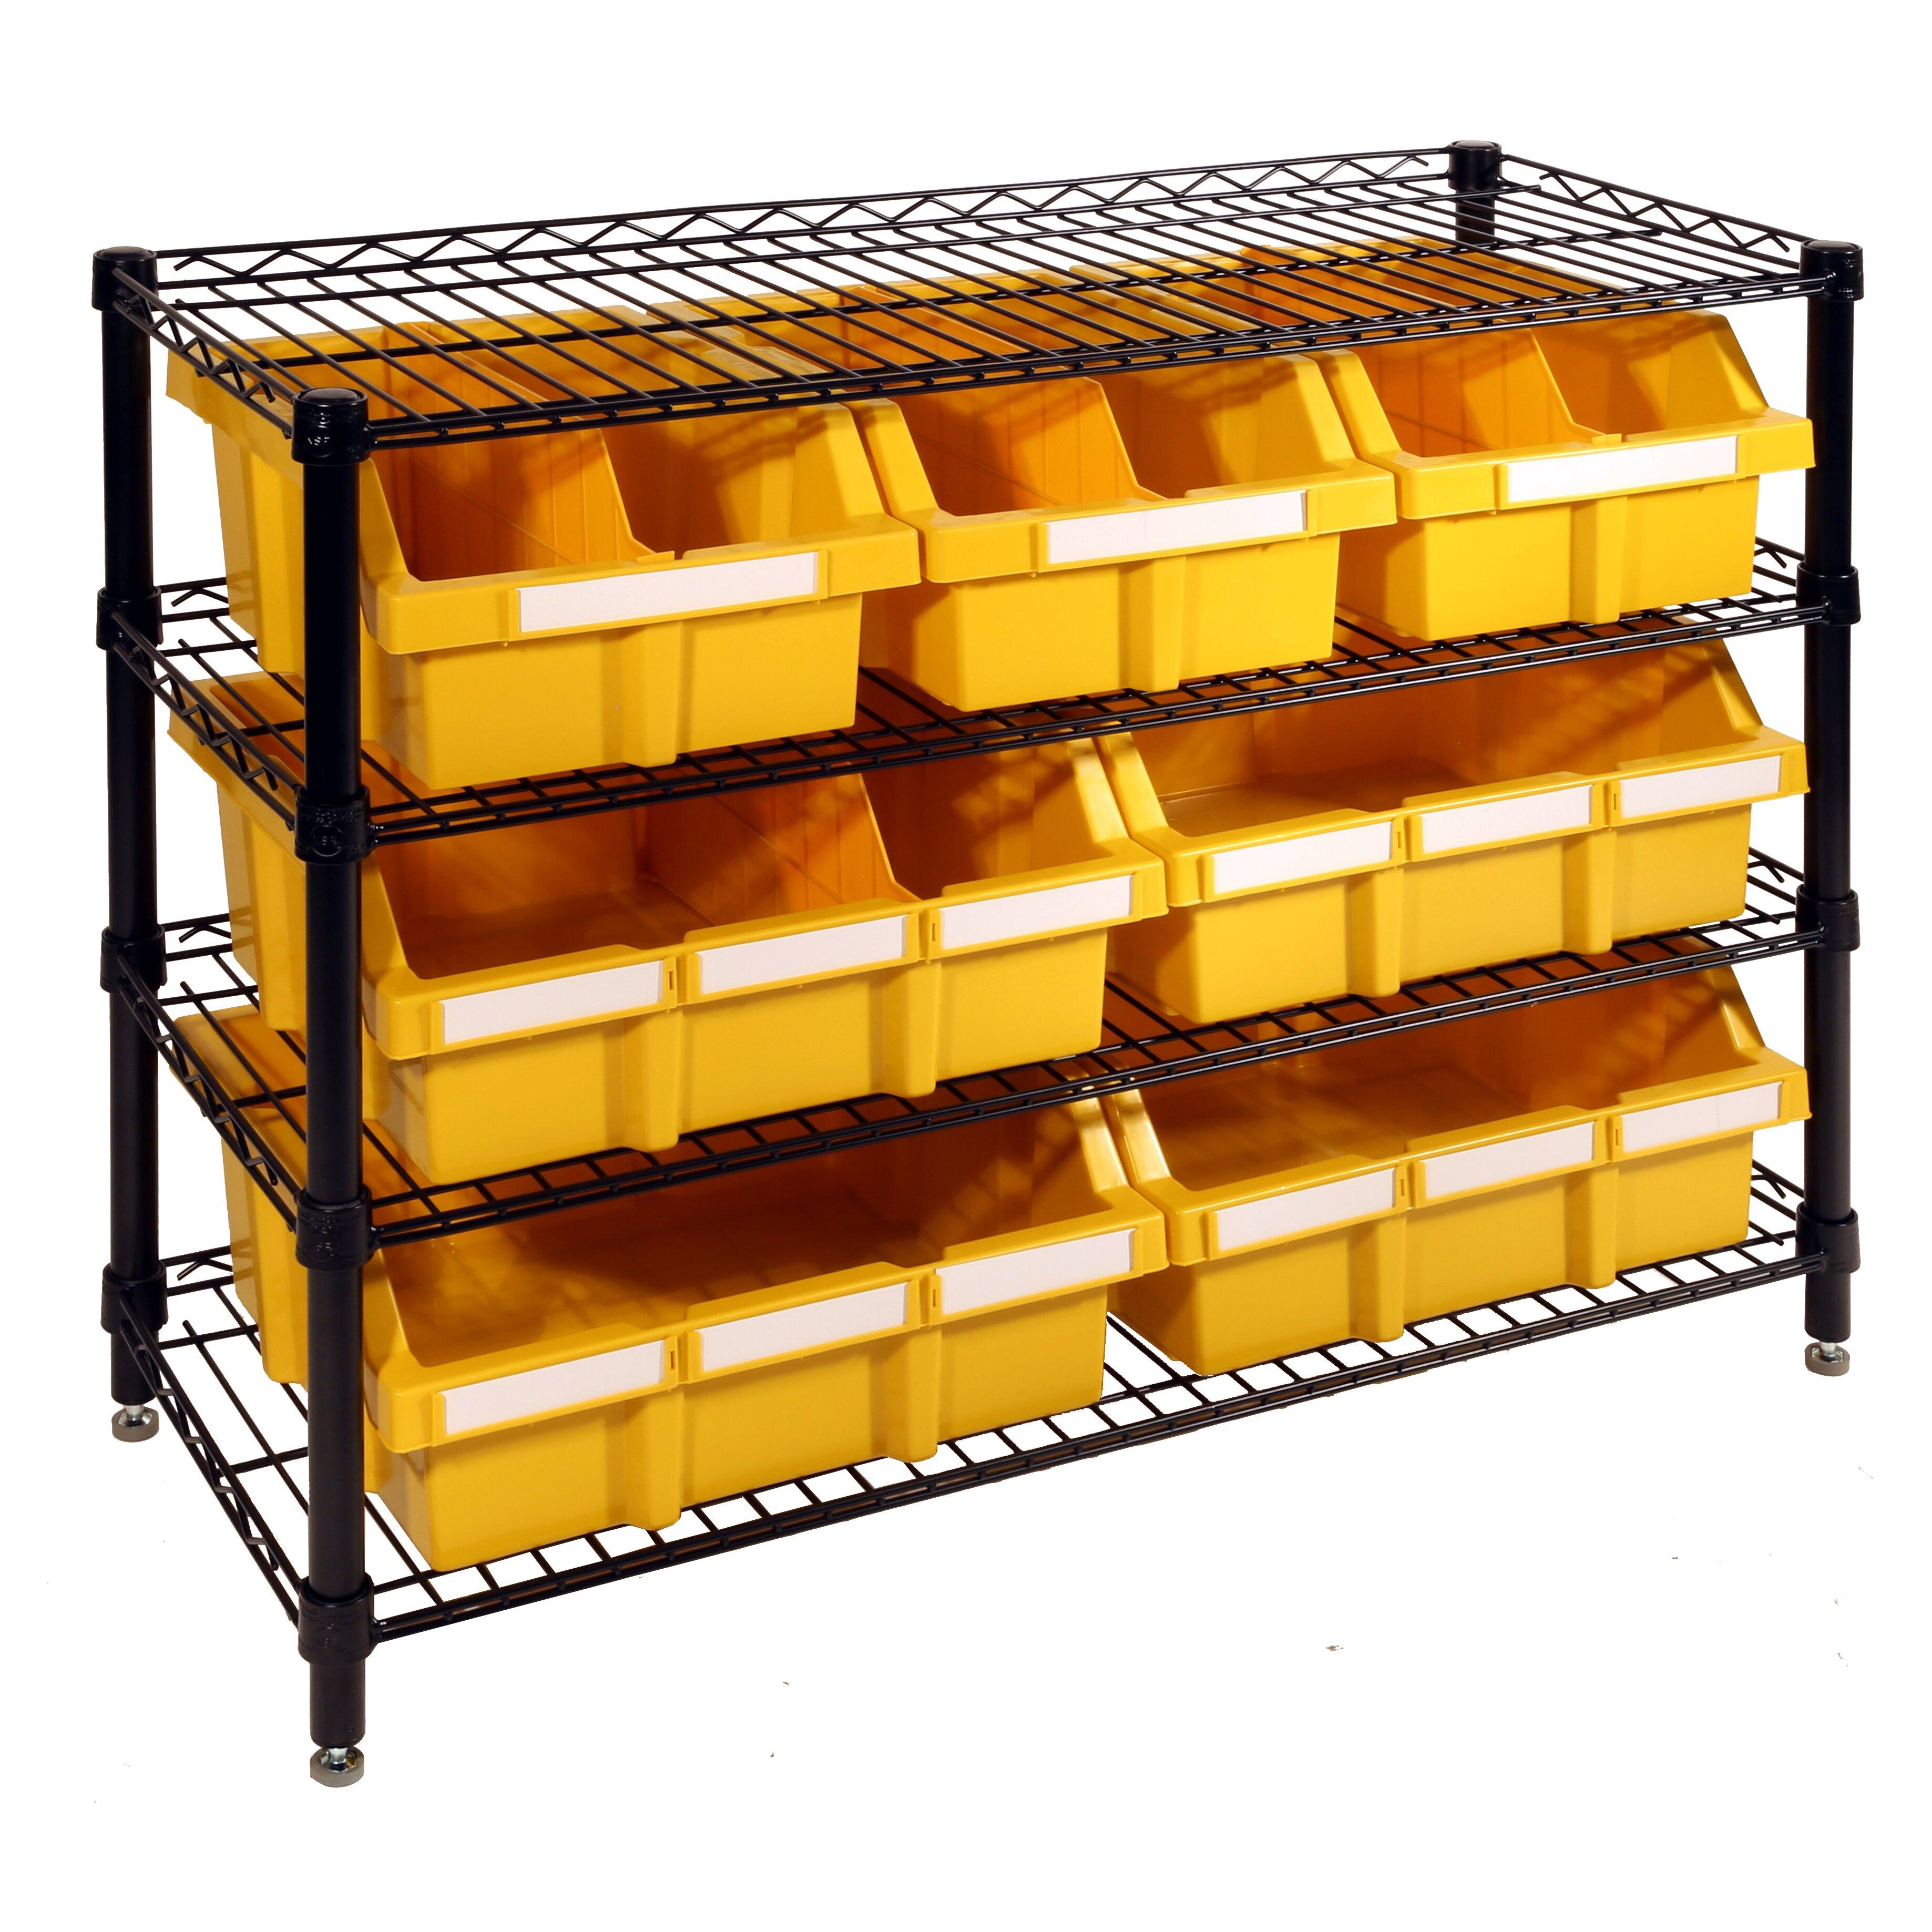 Image Result For Commercial Shelf Bin Storage Rack System